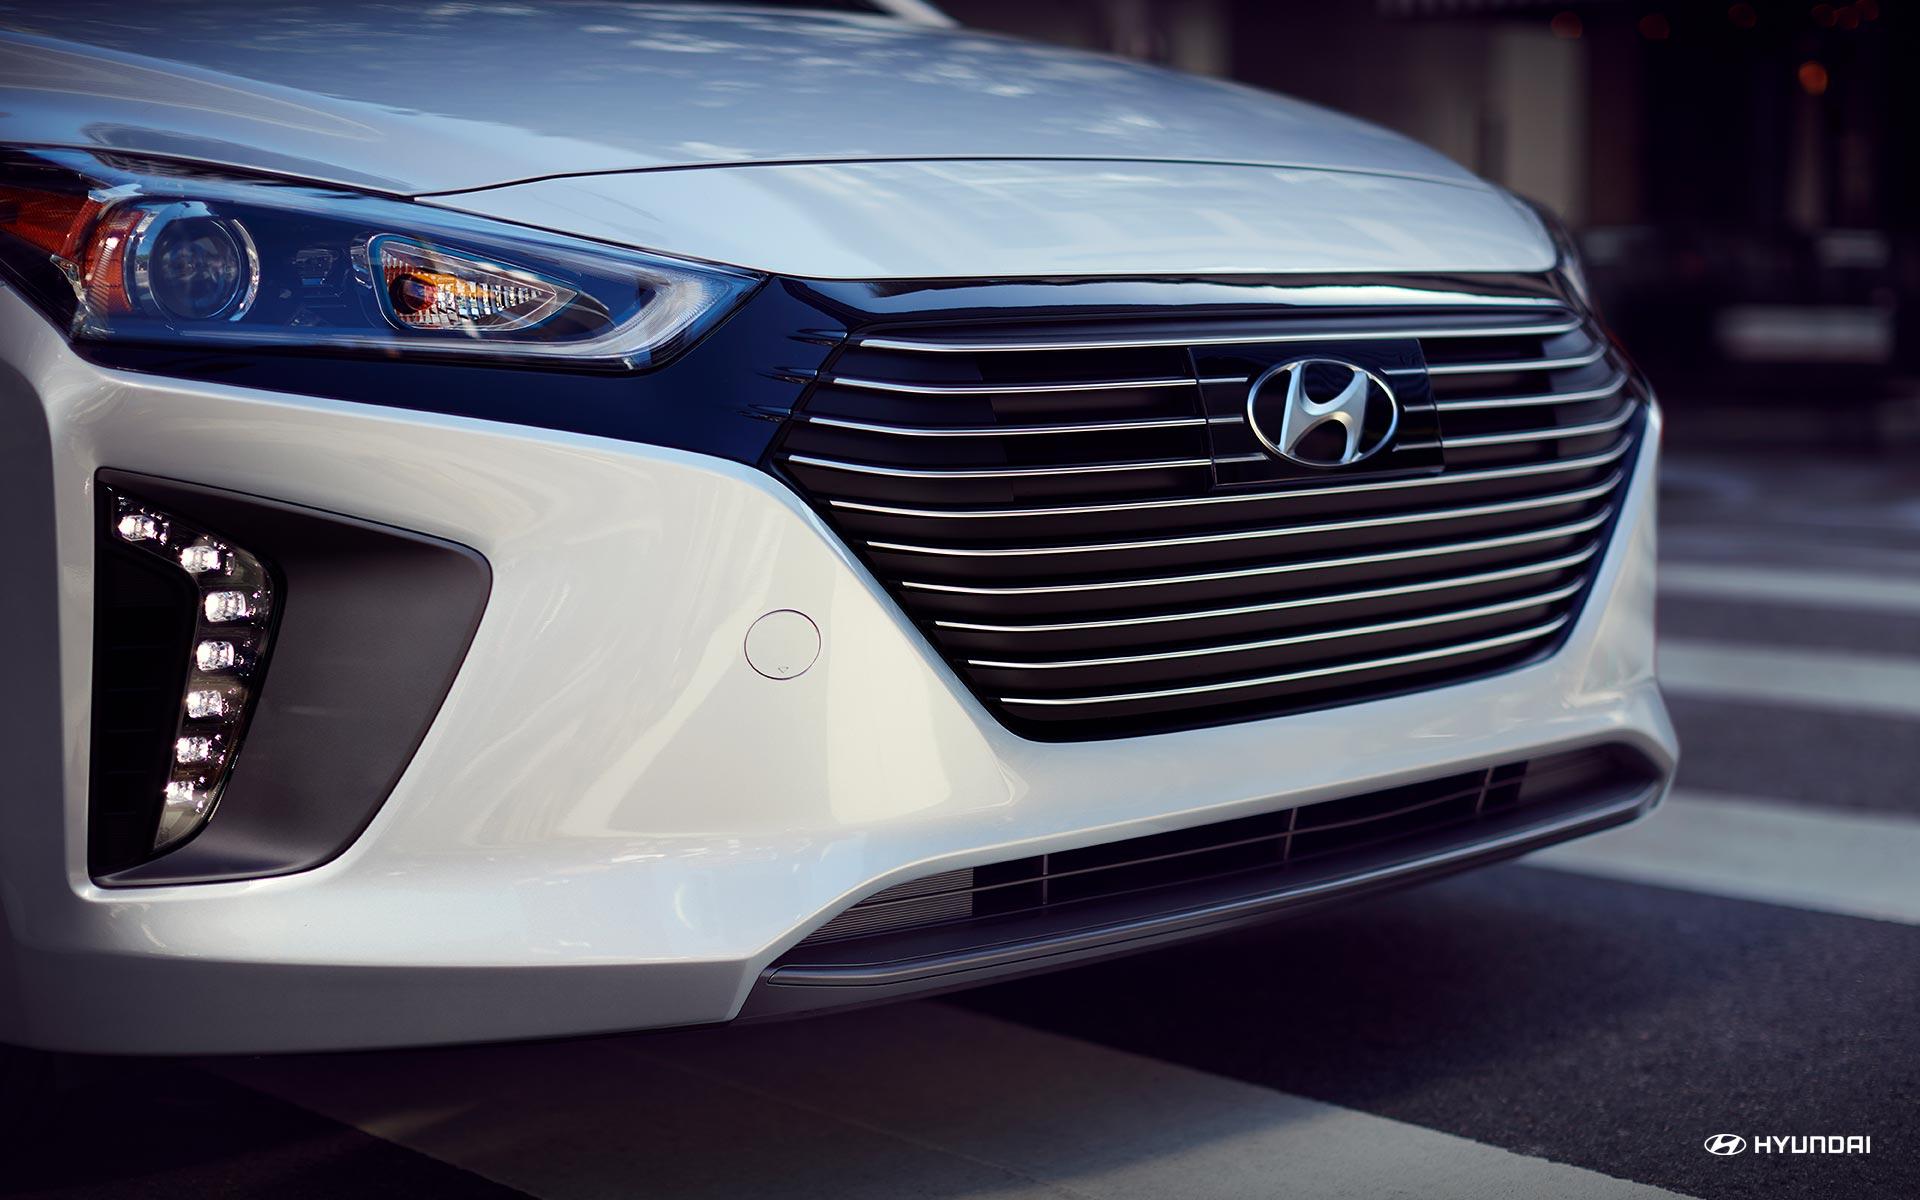 Amarás conducir tu nuevo Ioniq Hybrid 2019 y disfrutar de las múltiples comodidades que te ofrece.